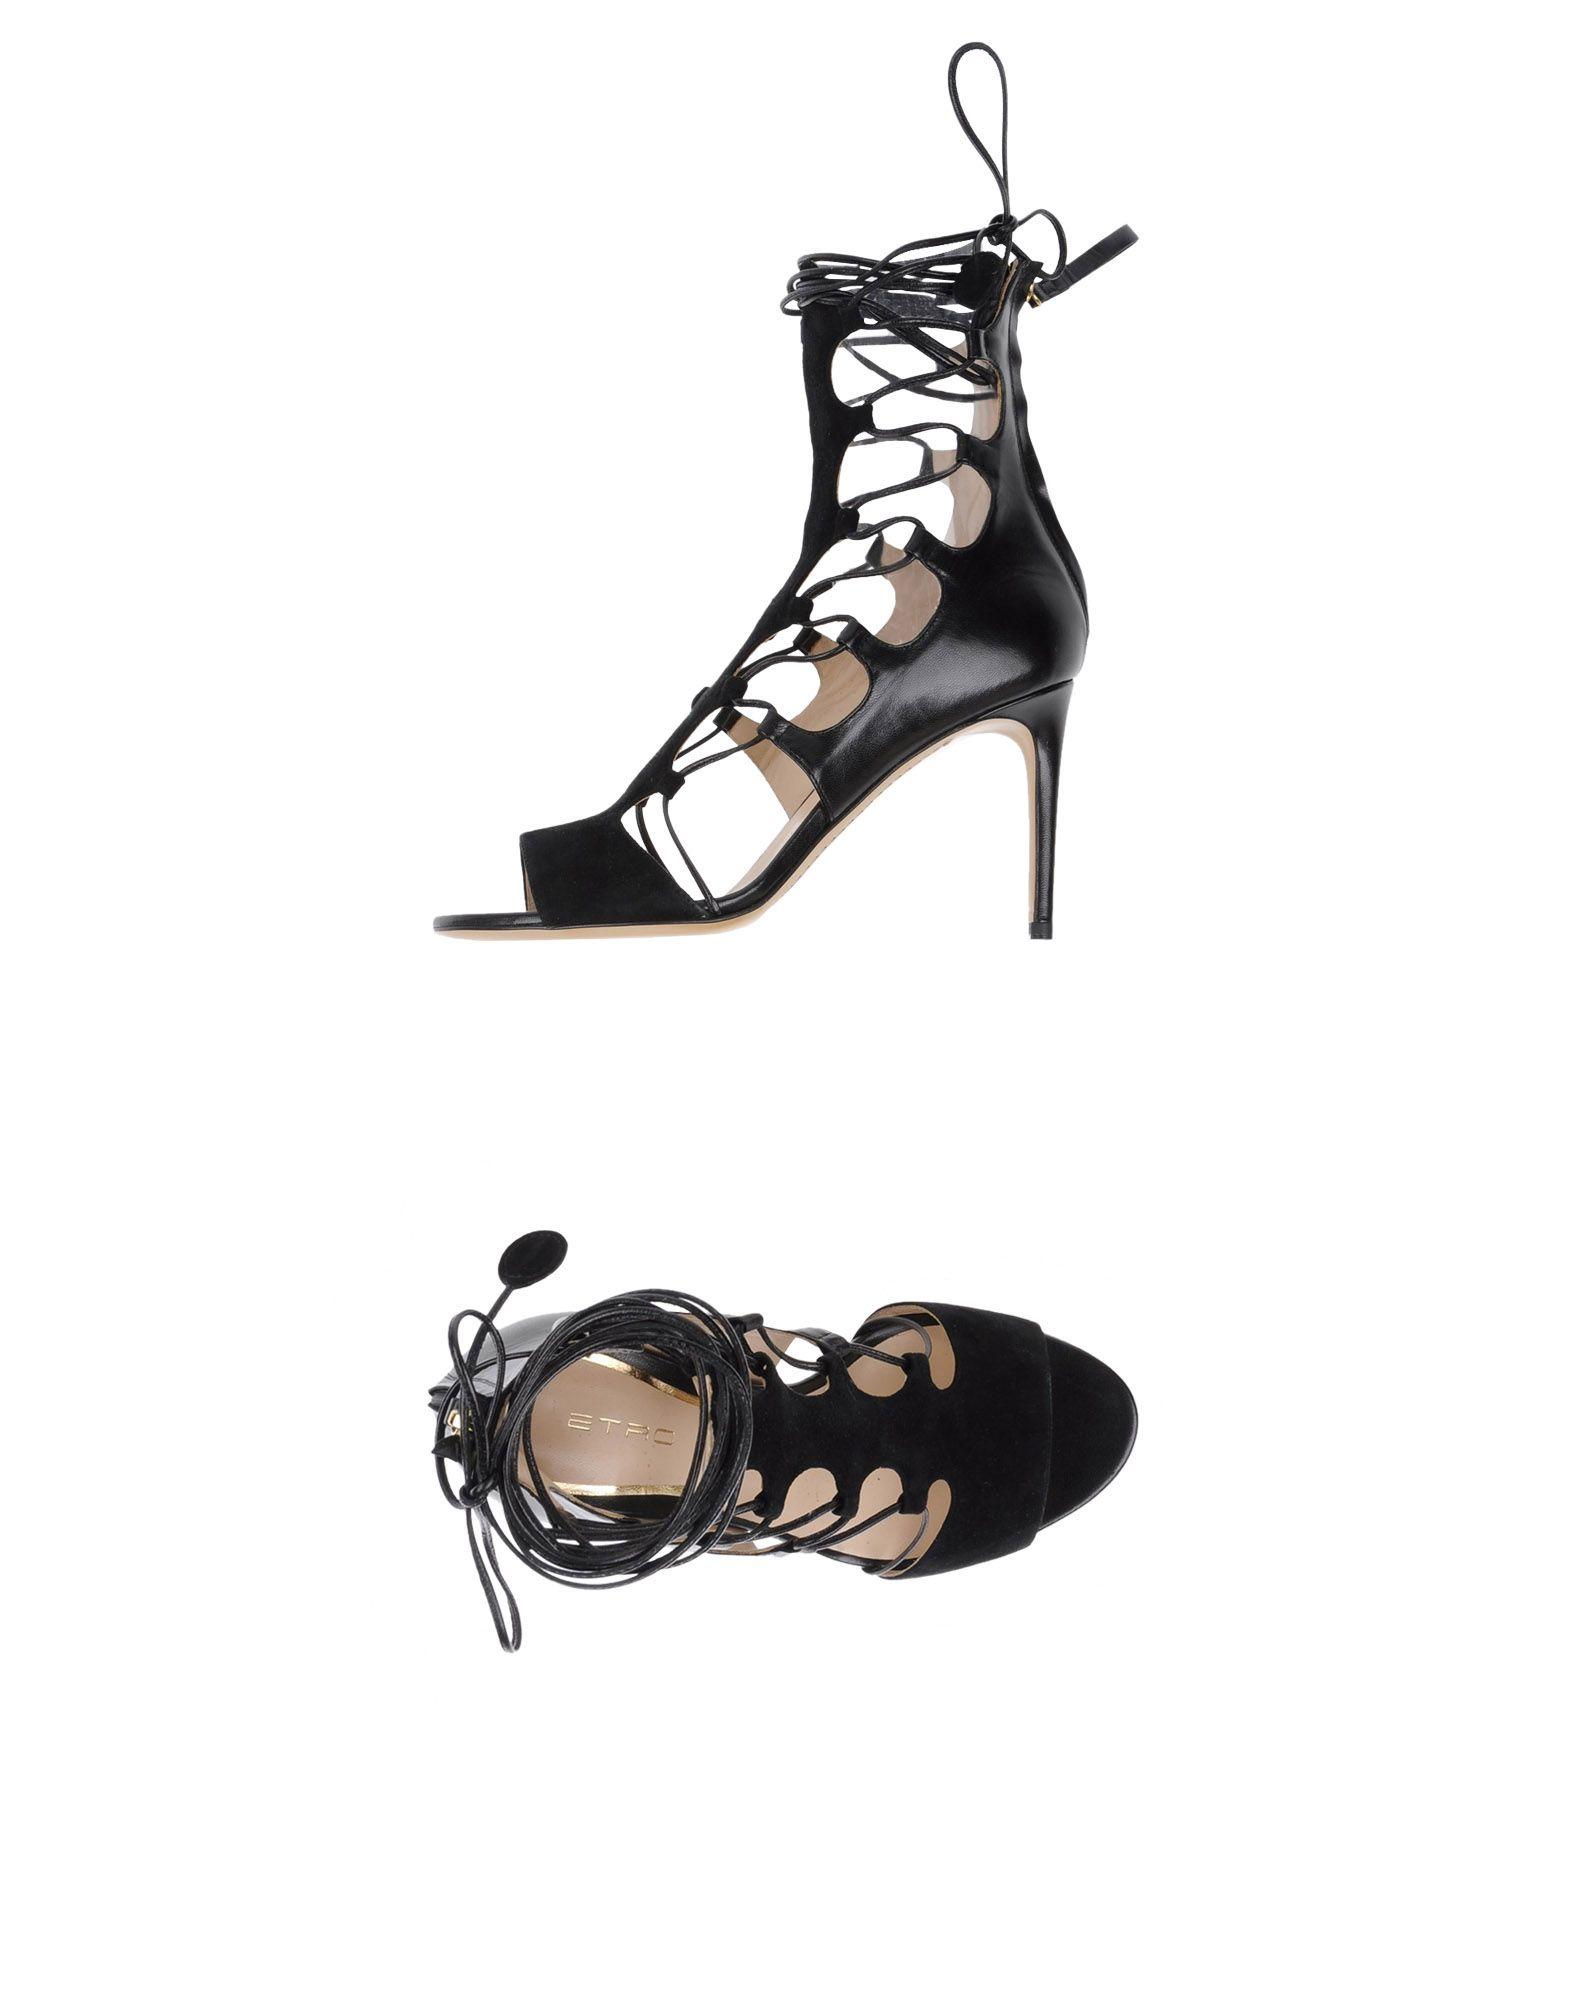 Etro gut Sandalen Damen  11286838QRGünstige gut Etro aussehende Schuhe b39220